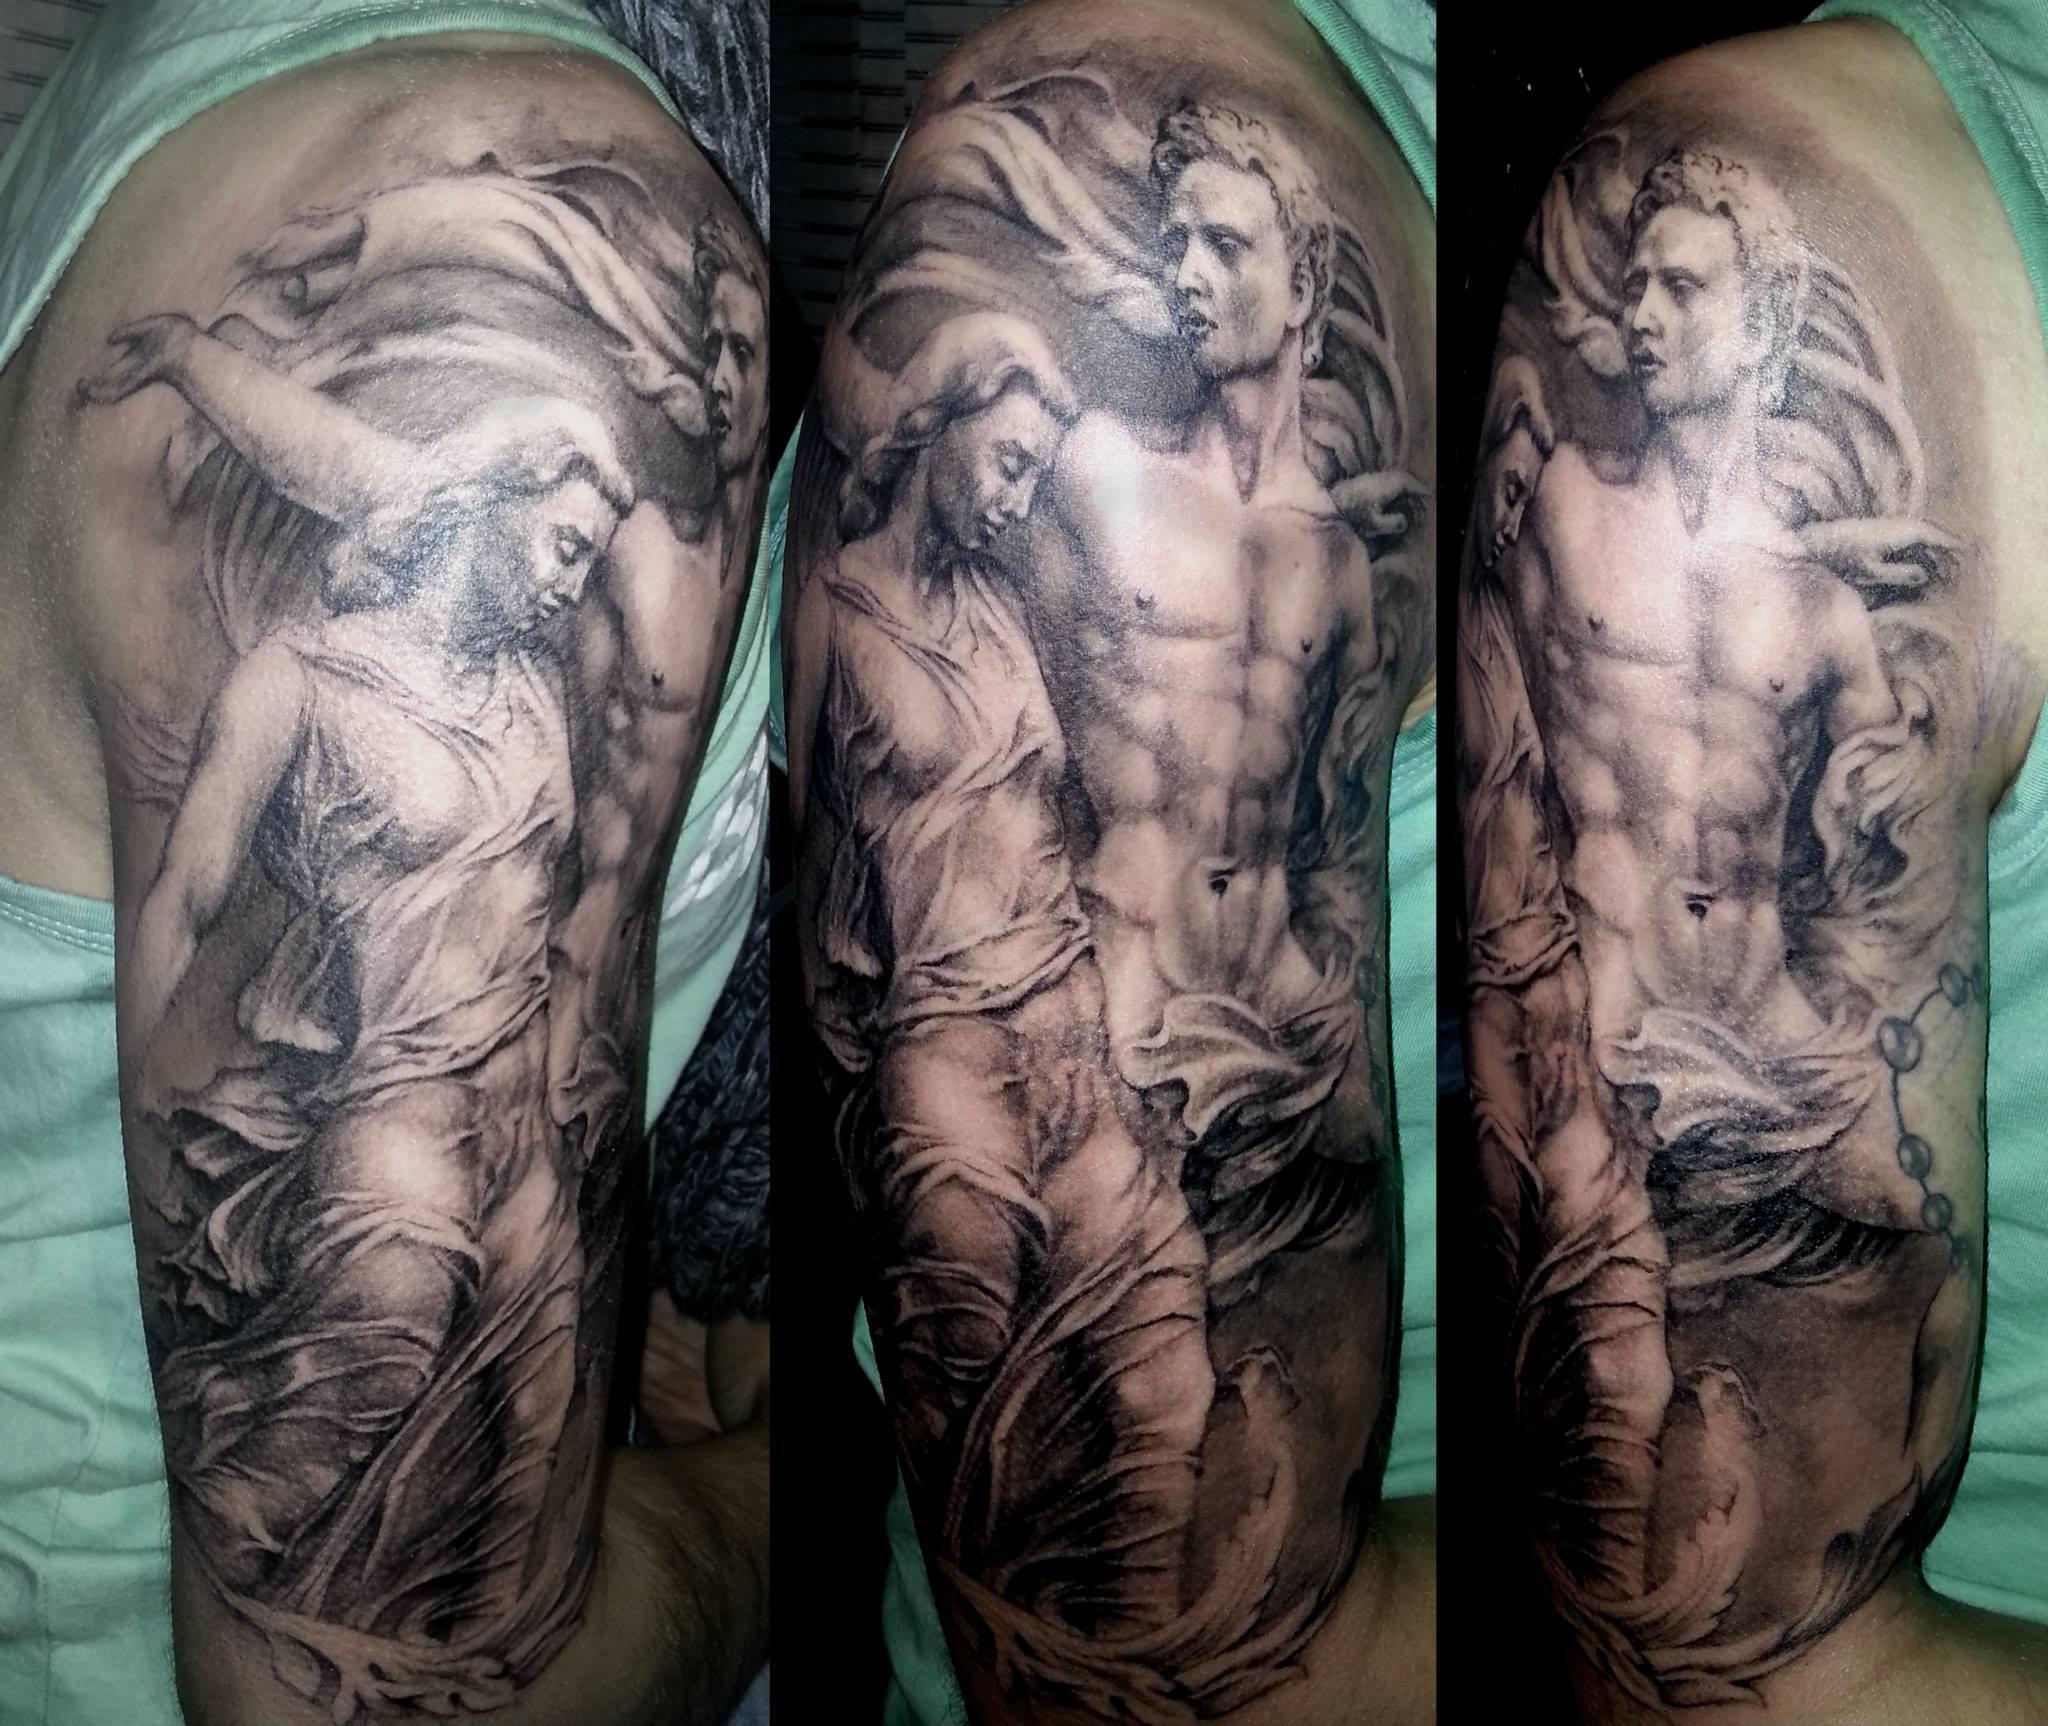 Beste Religiöse Tattoos Tattoo Bewertungde Lass Deine Tattoos